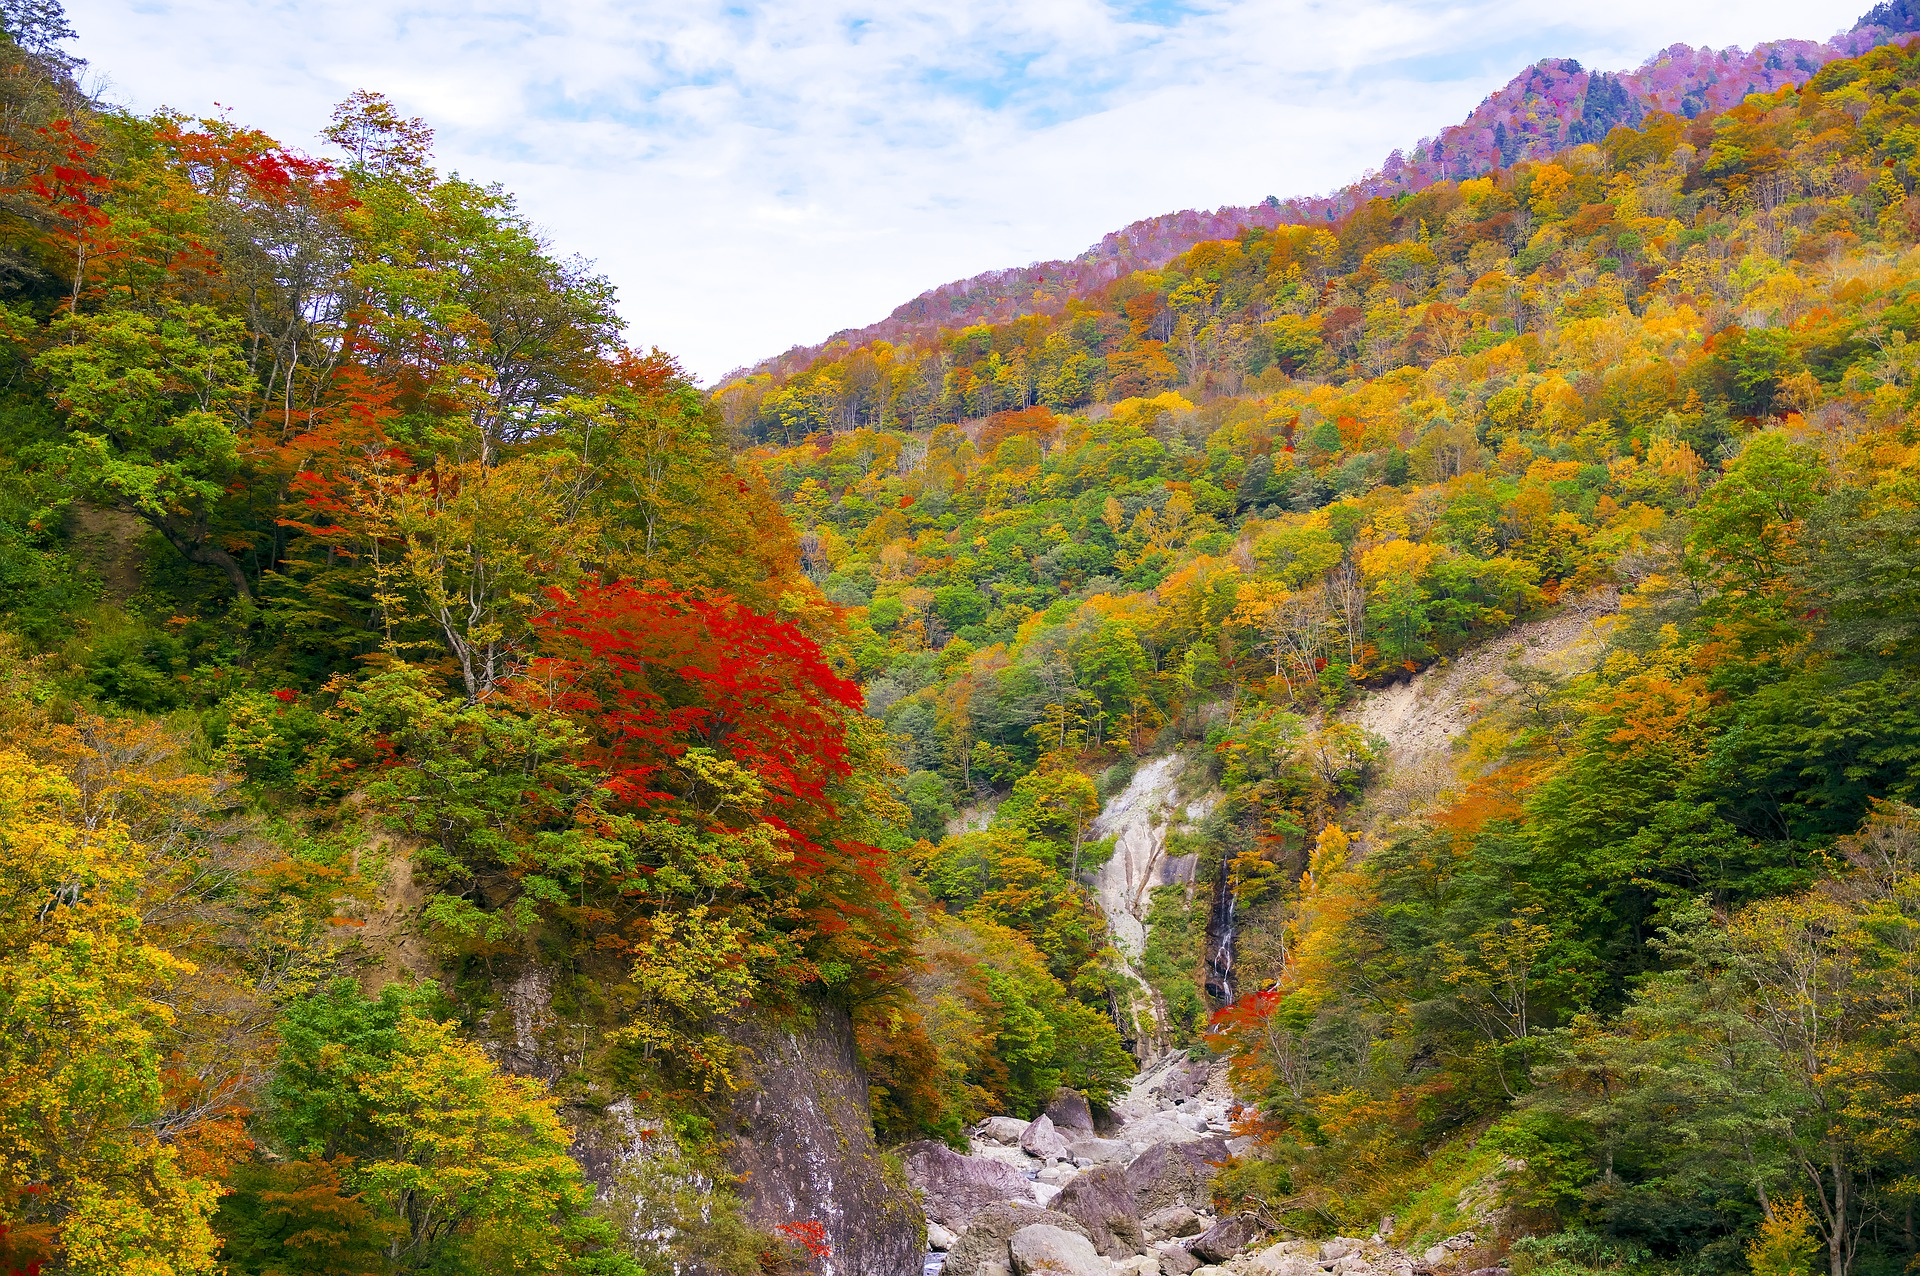 【長野県】下伊那郡天龍村への行き方・交通・おすすめの観光スポット